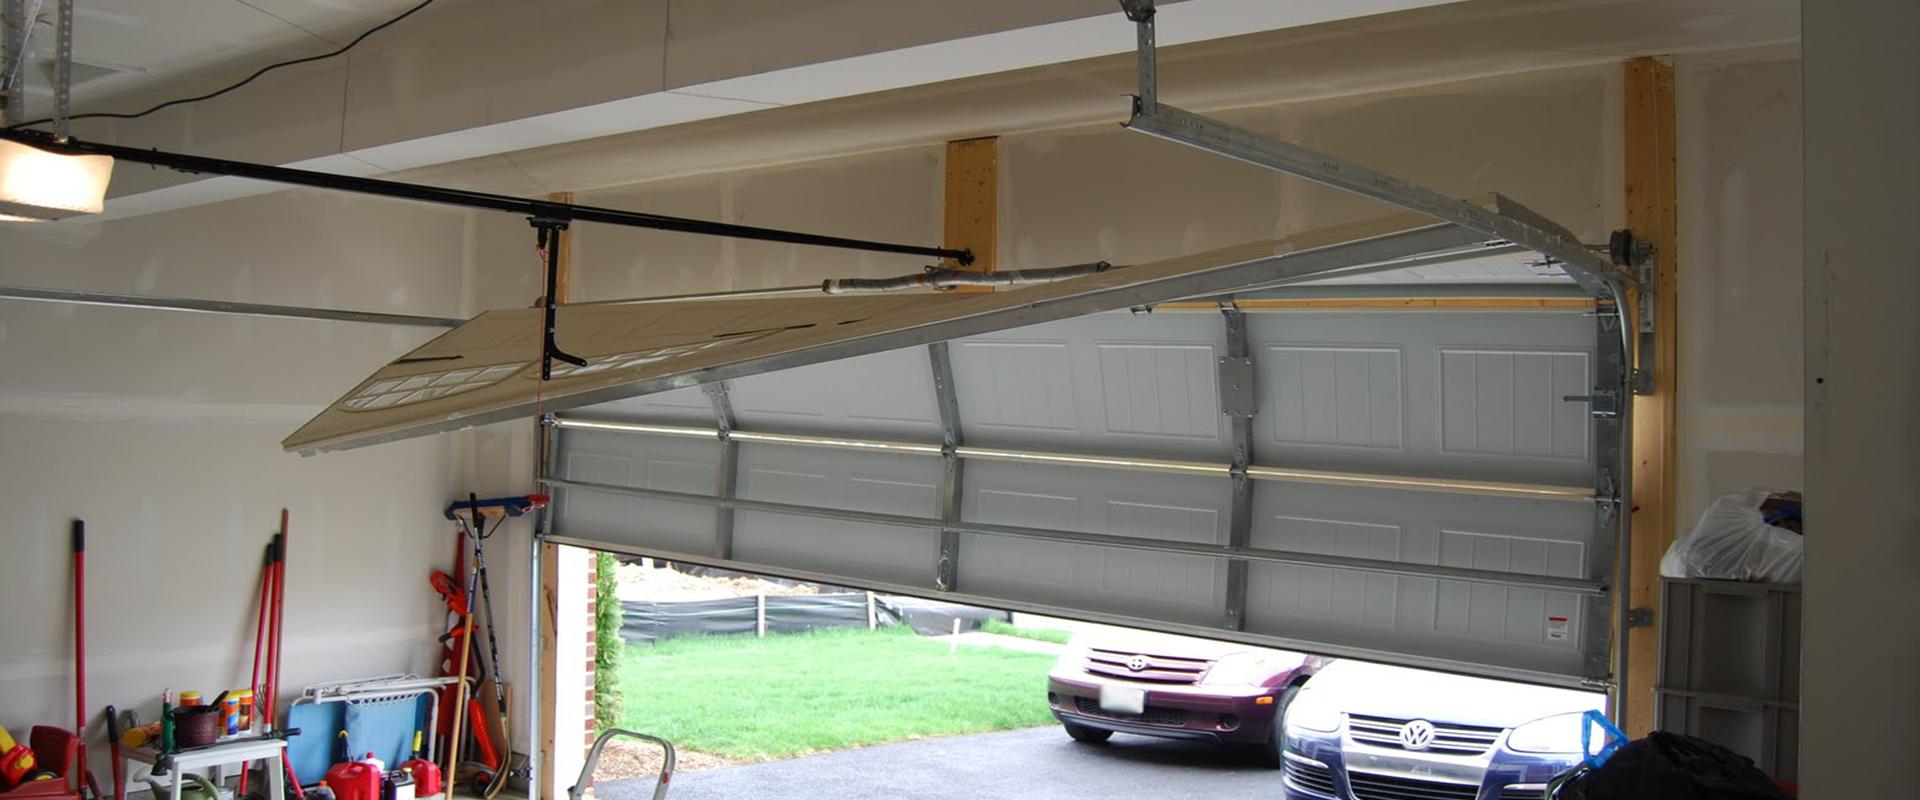 off track garage door repair emergency